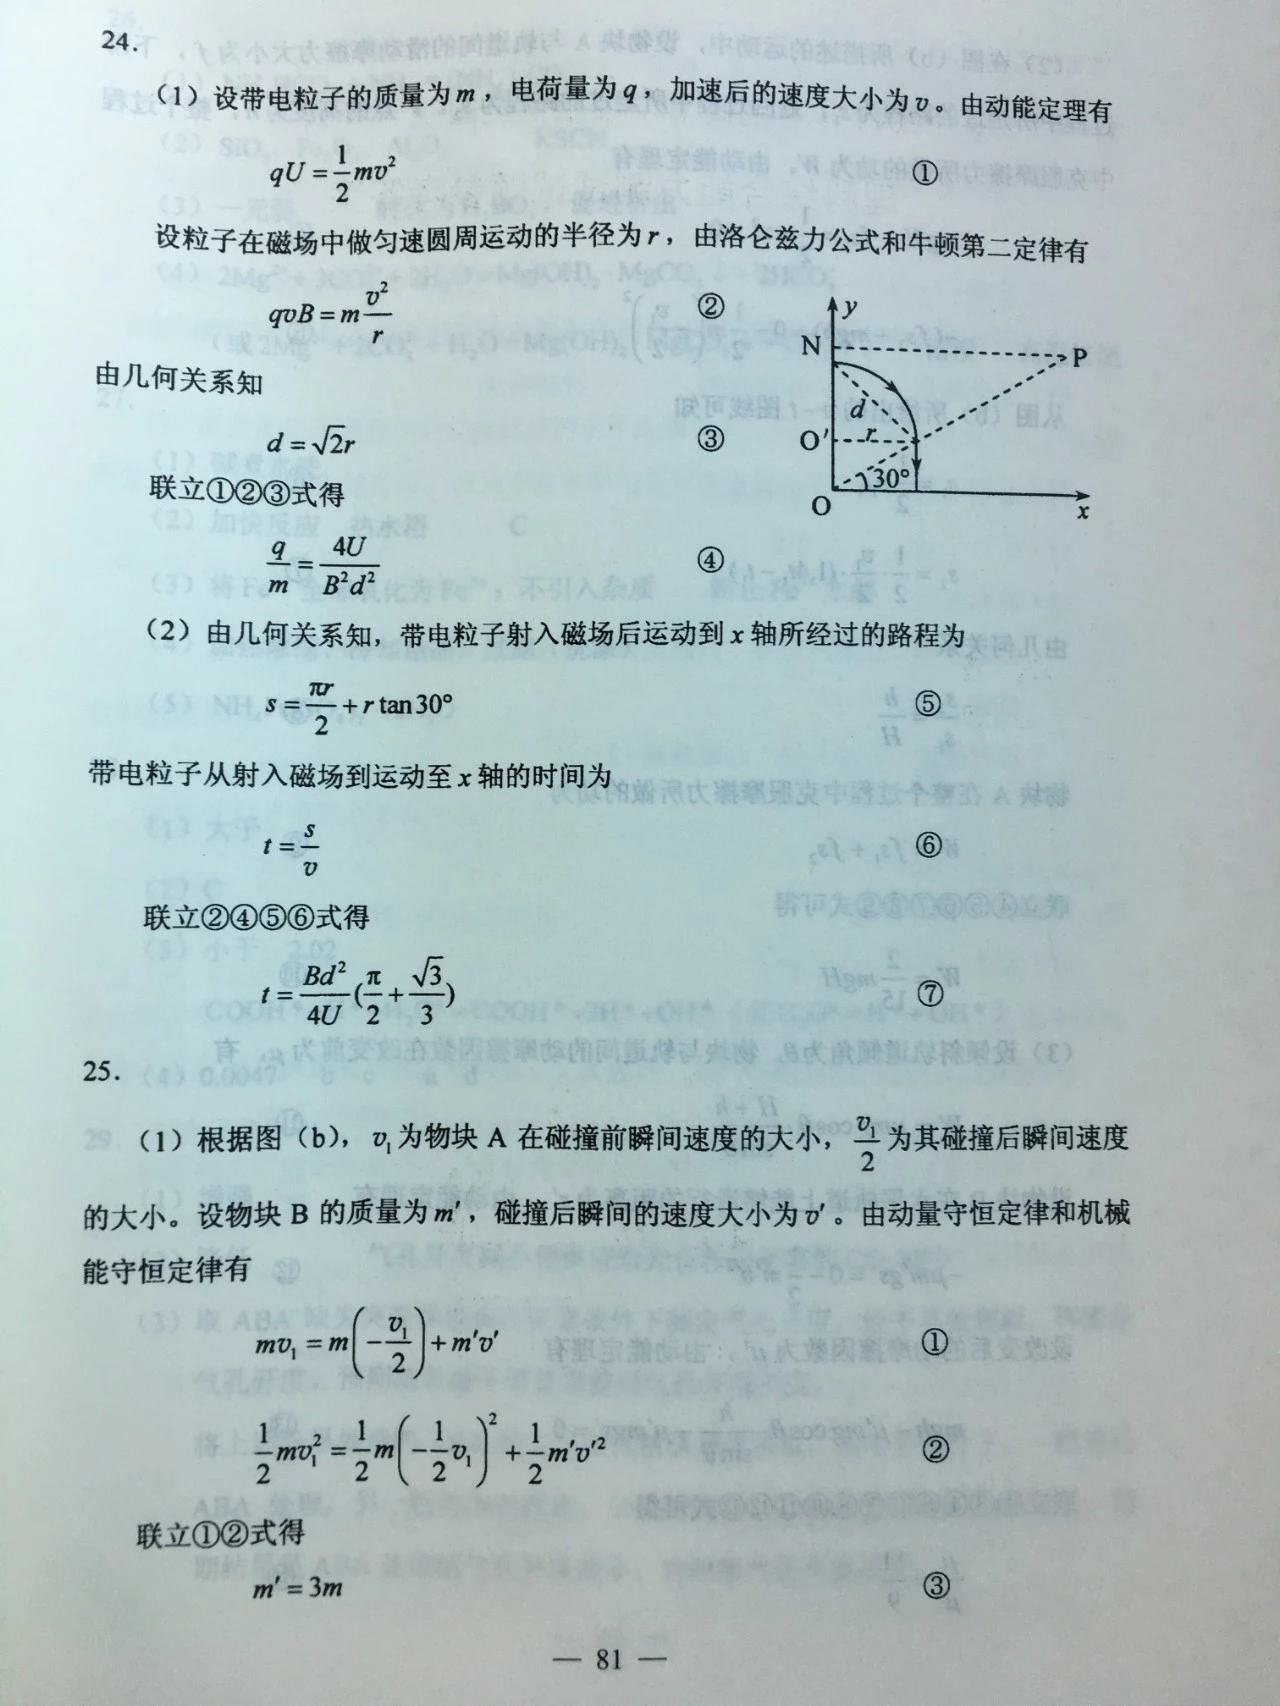 2019年高考全国卷1卷标准答案理科综合